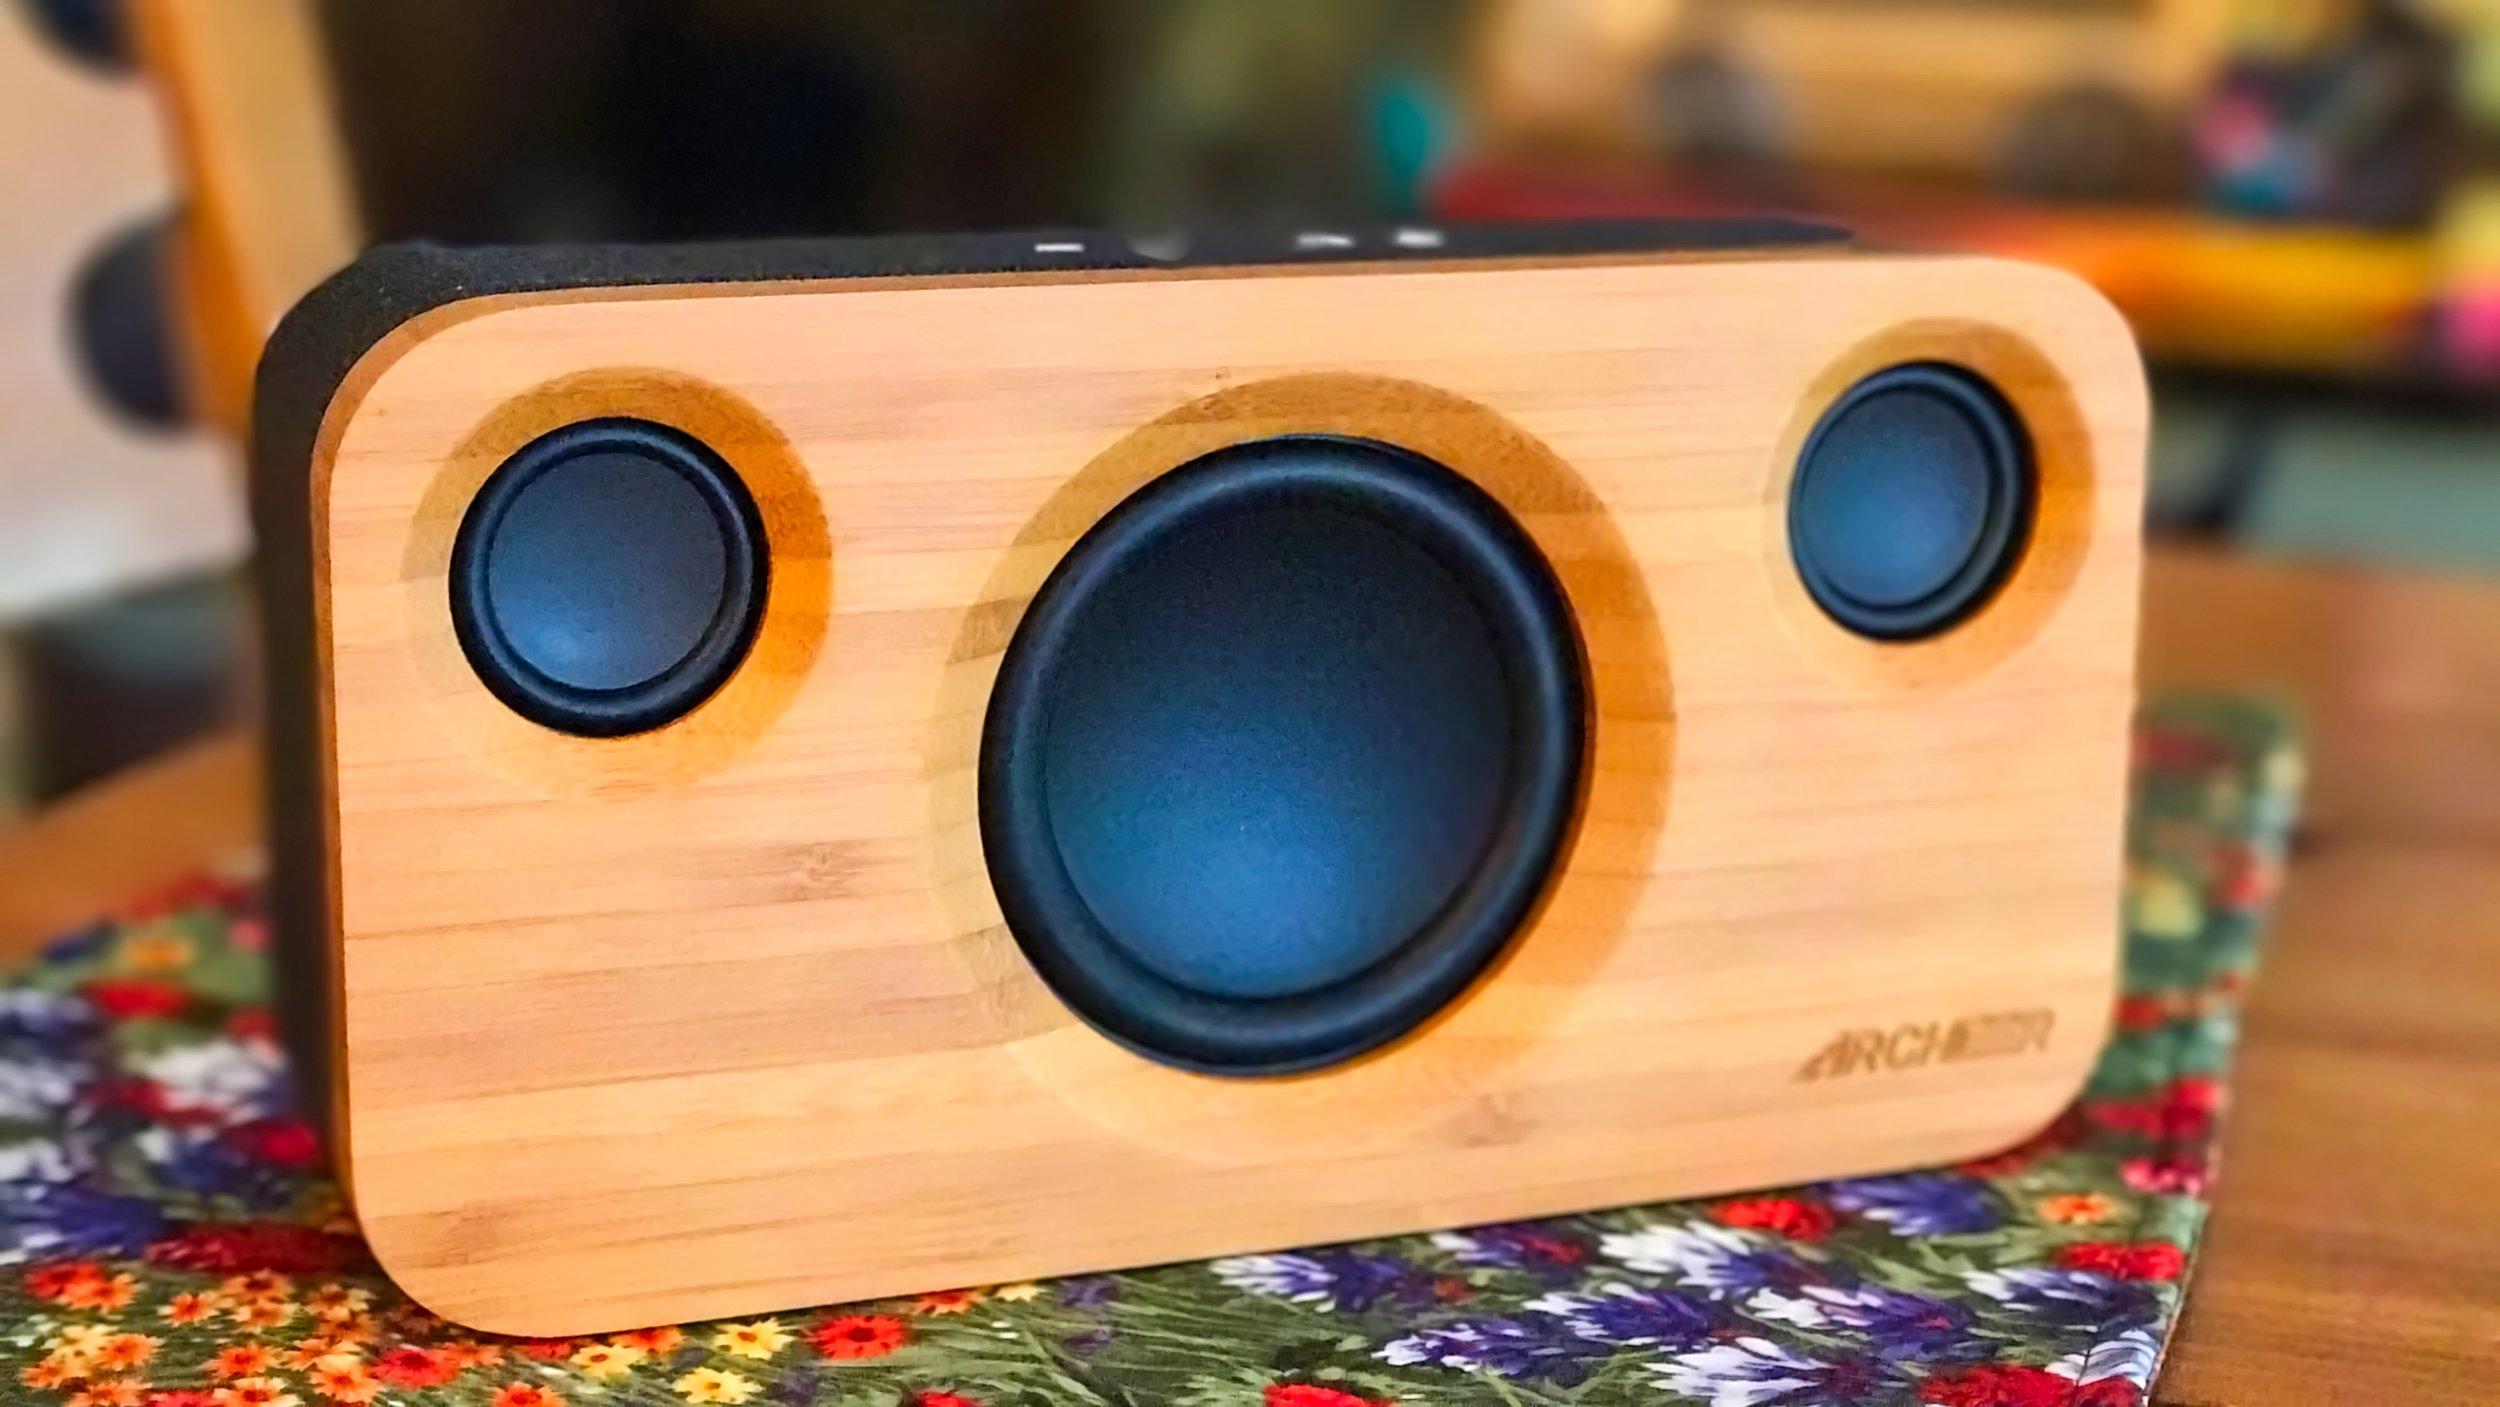 Archeer A320 - Bluetooth Speaker